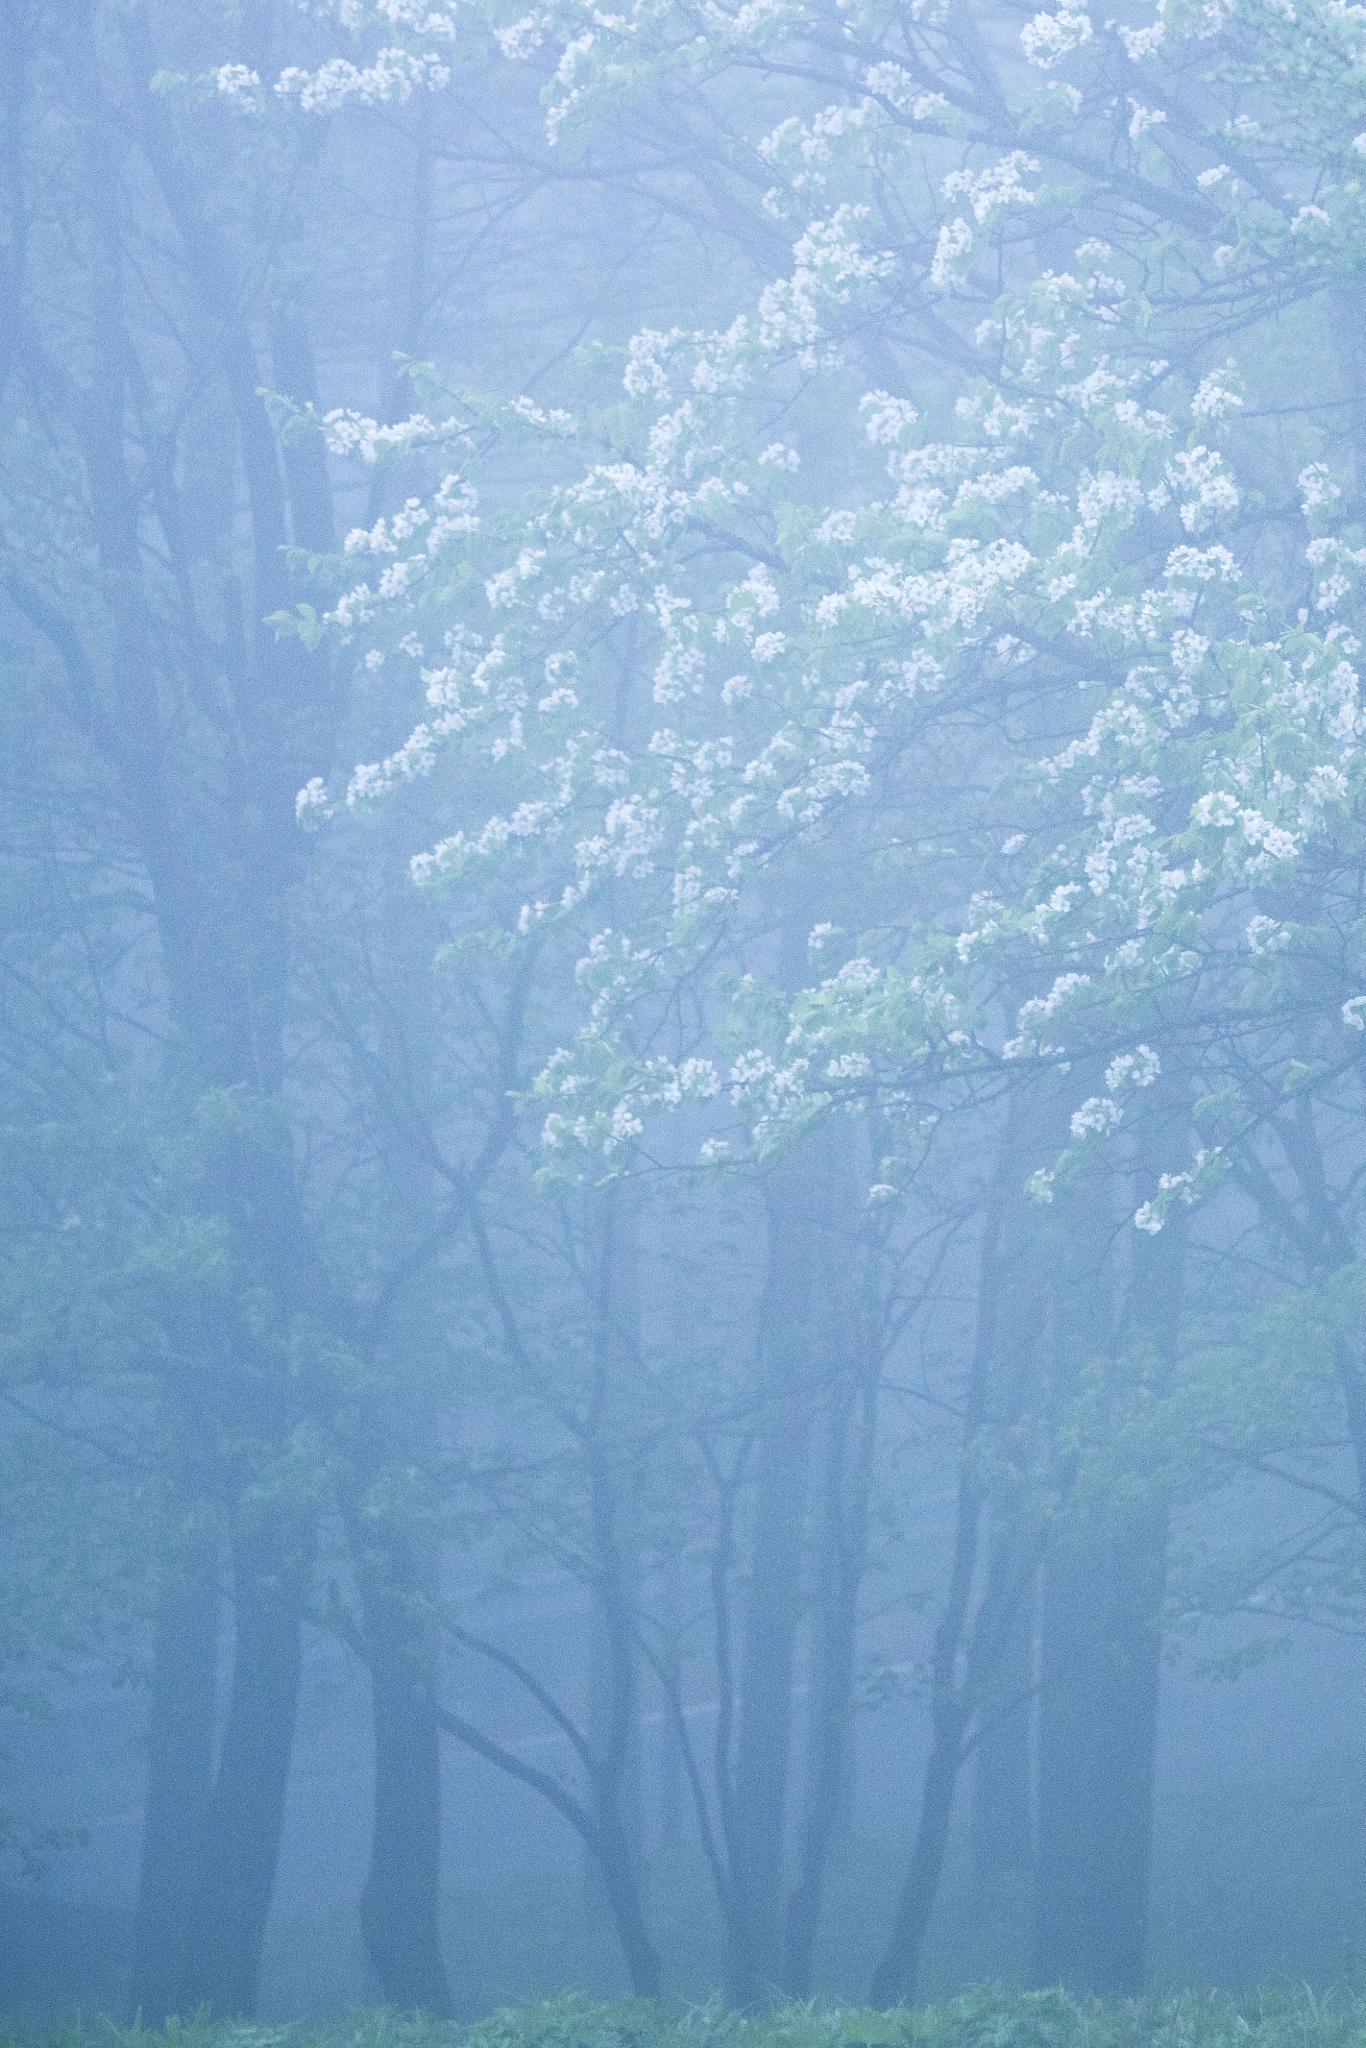 Trees in the mist by sjin4747